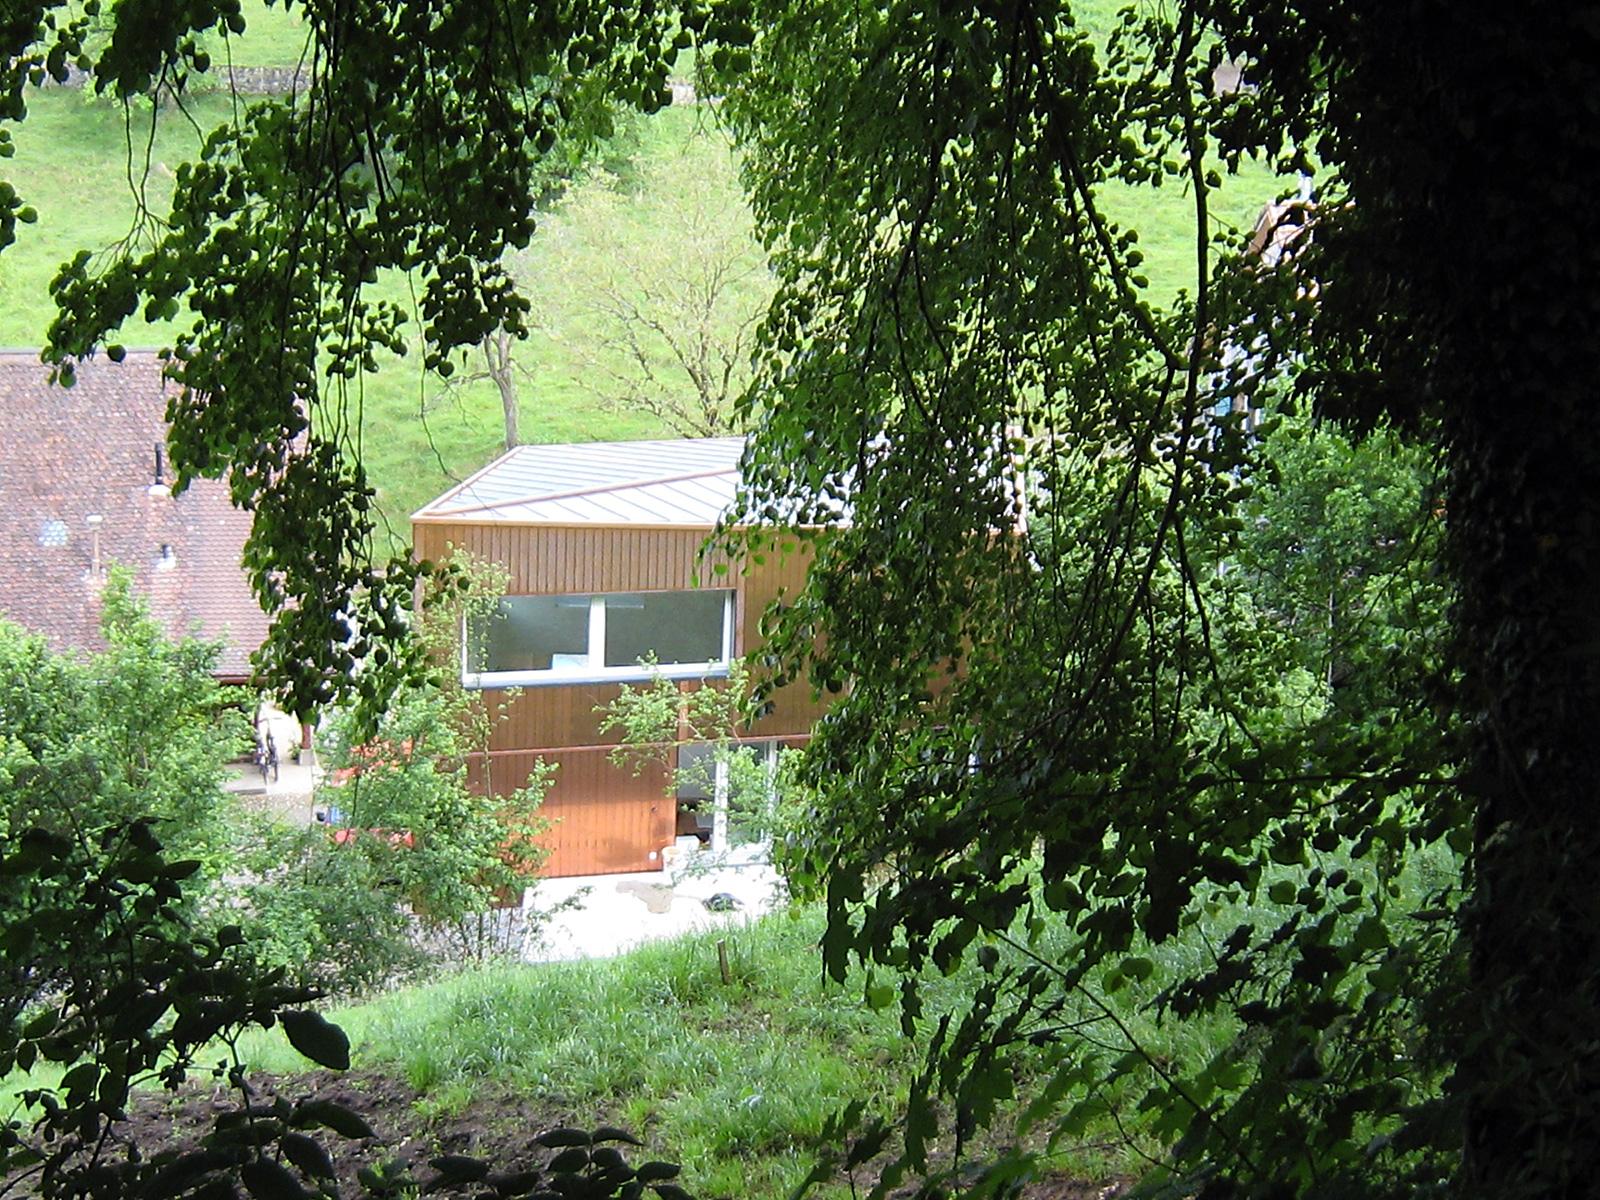 Passstück, Haus im Grünen